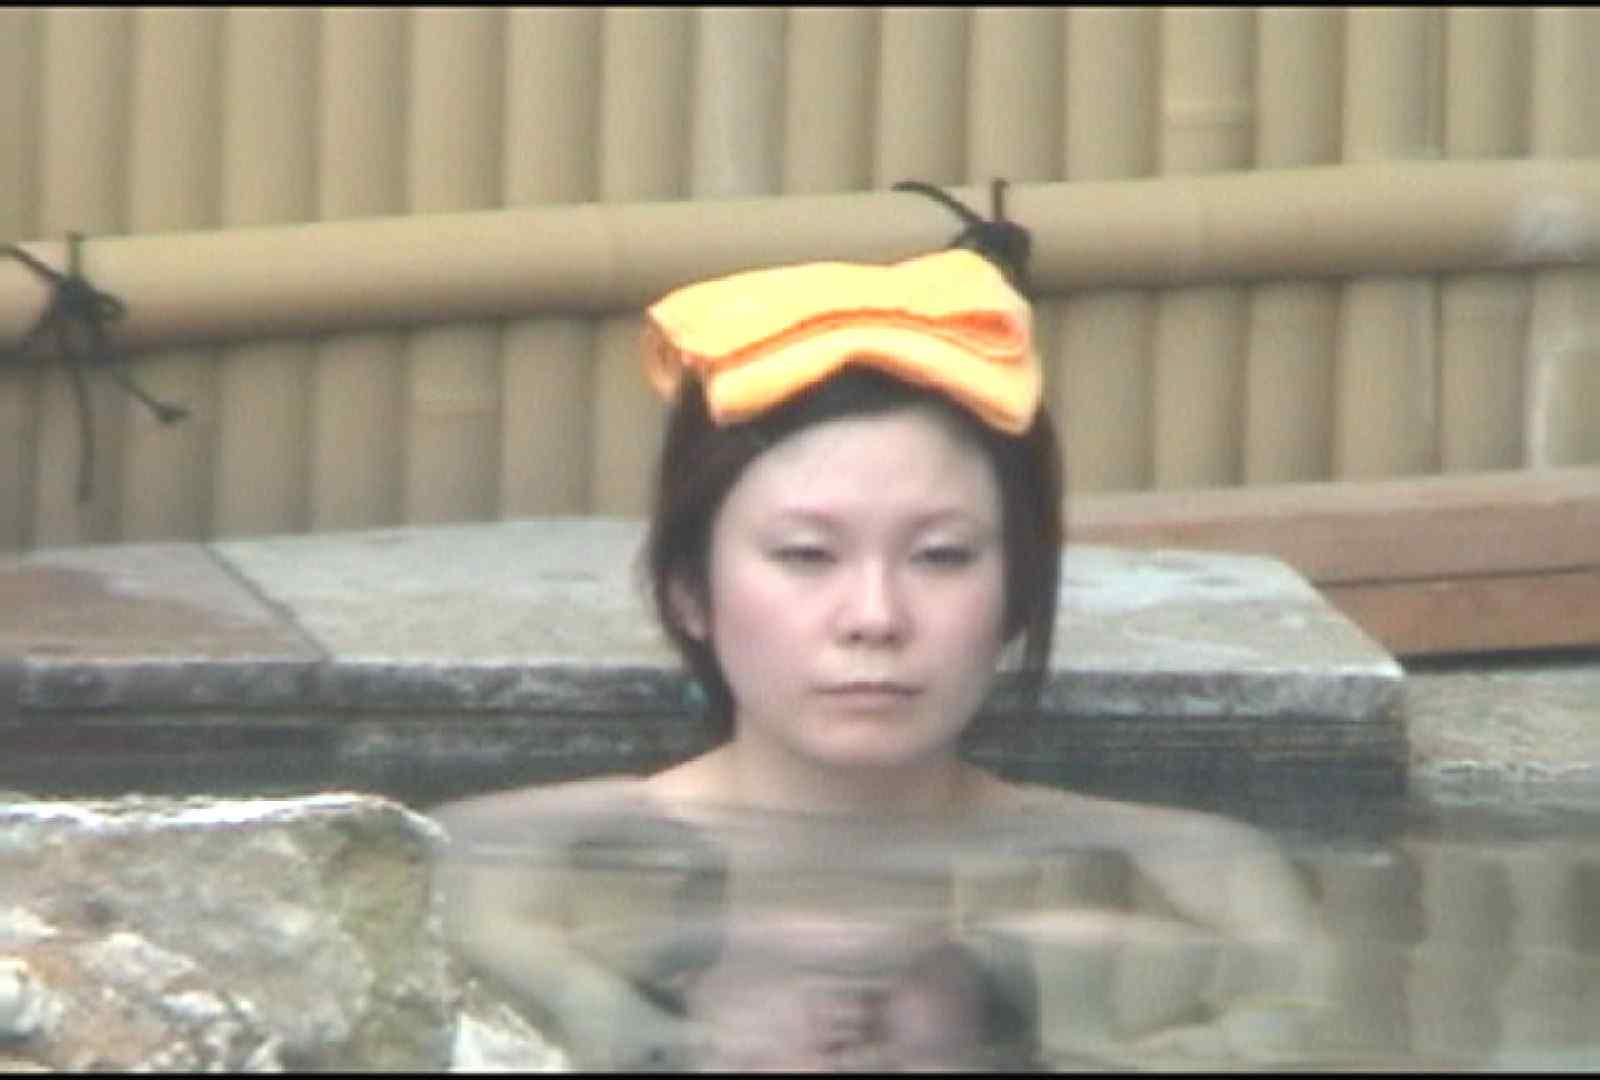 Aquaな露天風呂Vol.177 露天風呂 | 盗撮  40連発 40